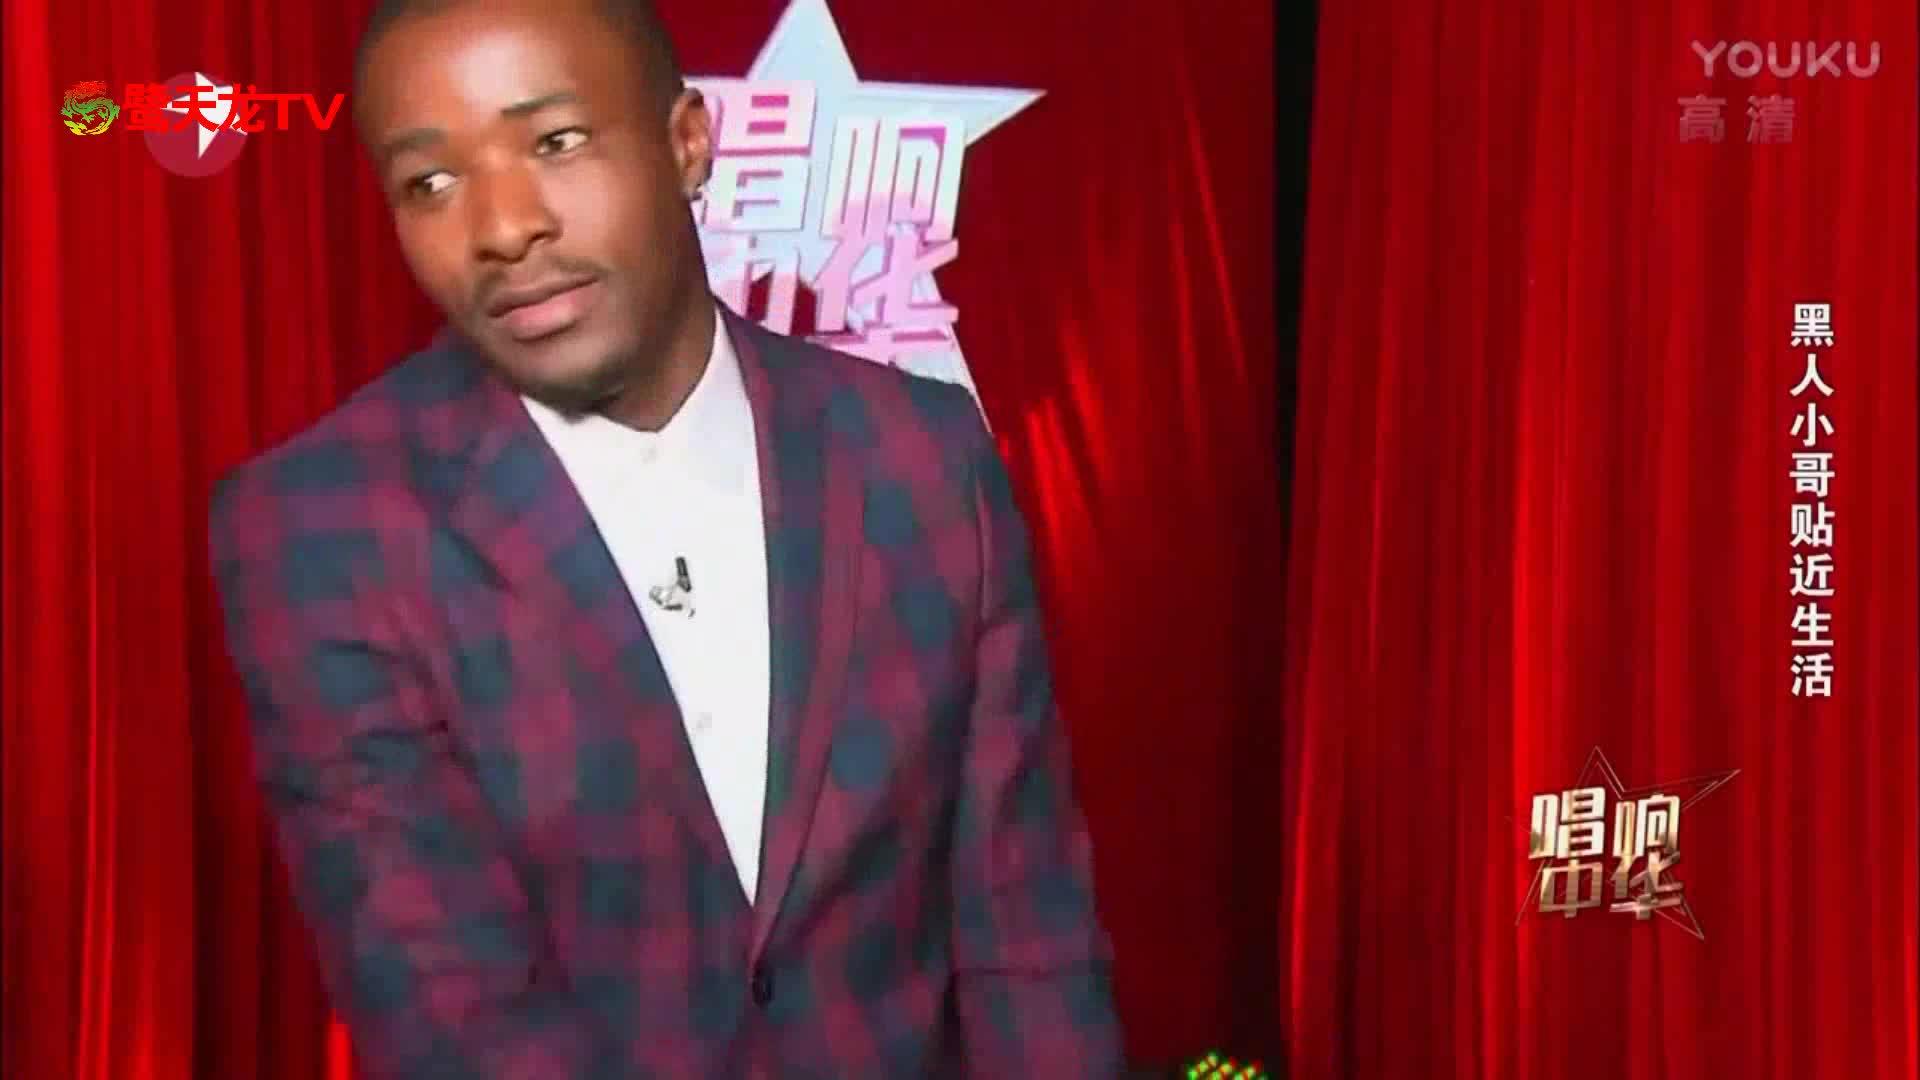 唱响中华:黑人小哥《演员》贴近生活